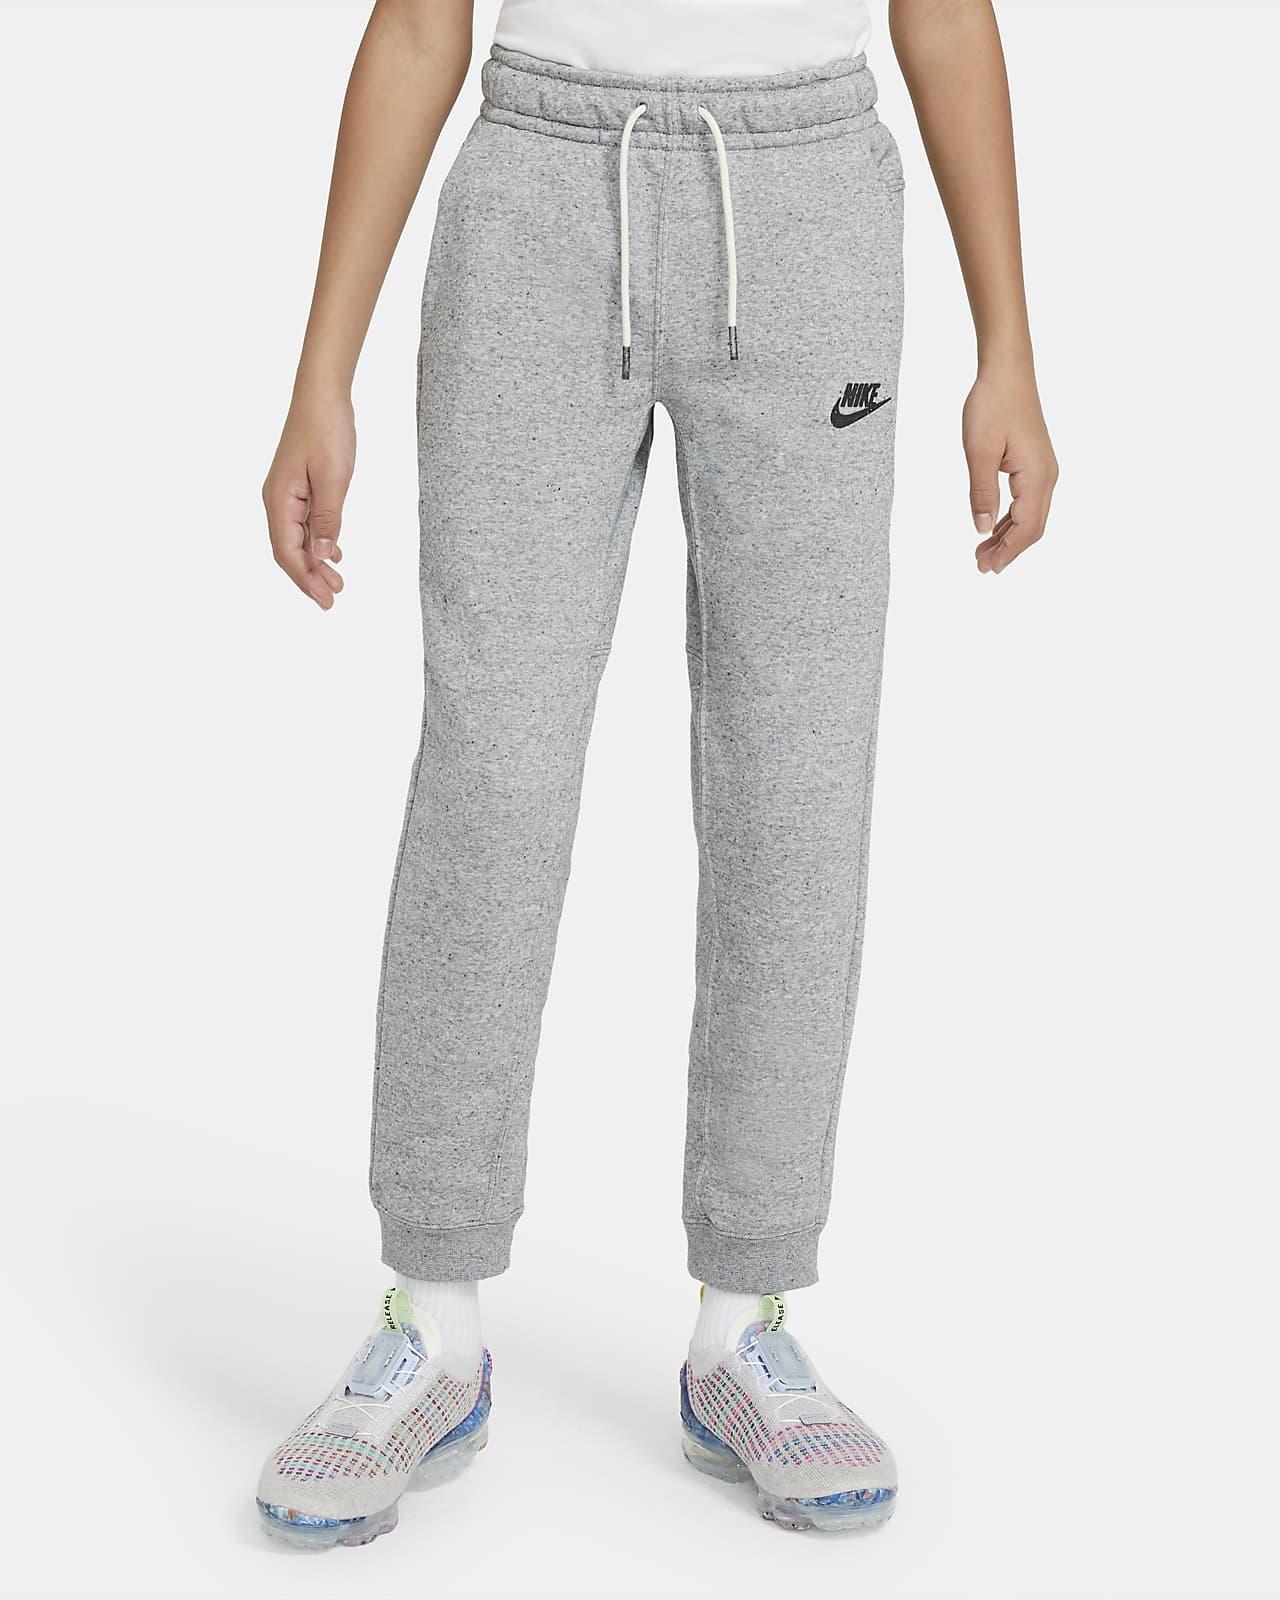 Pantalones de entrenamiento para niños talla grande Nike Sportswear Zero